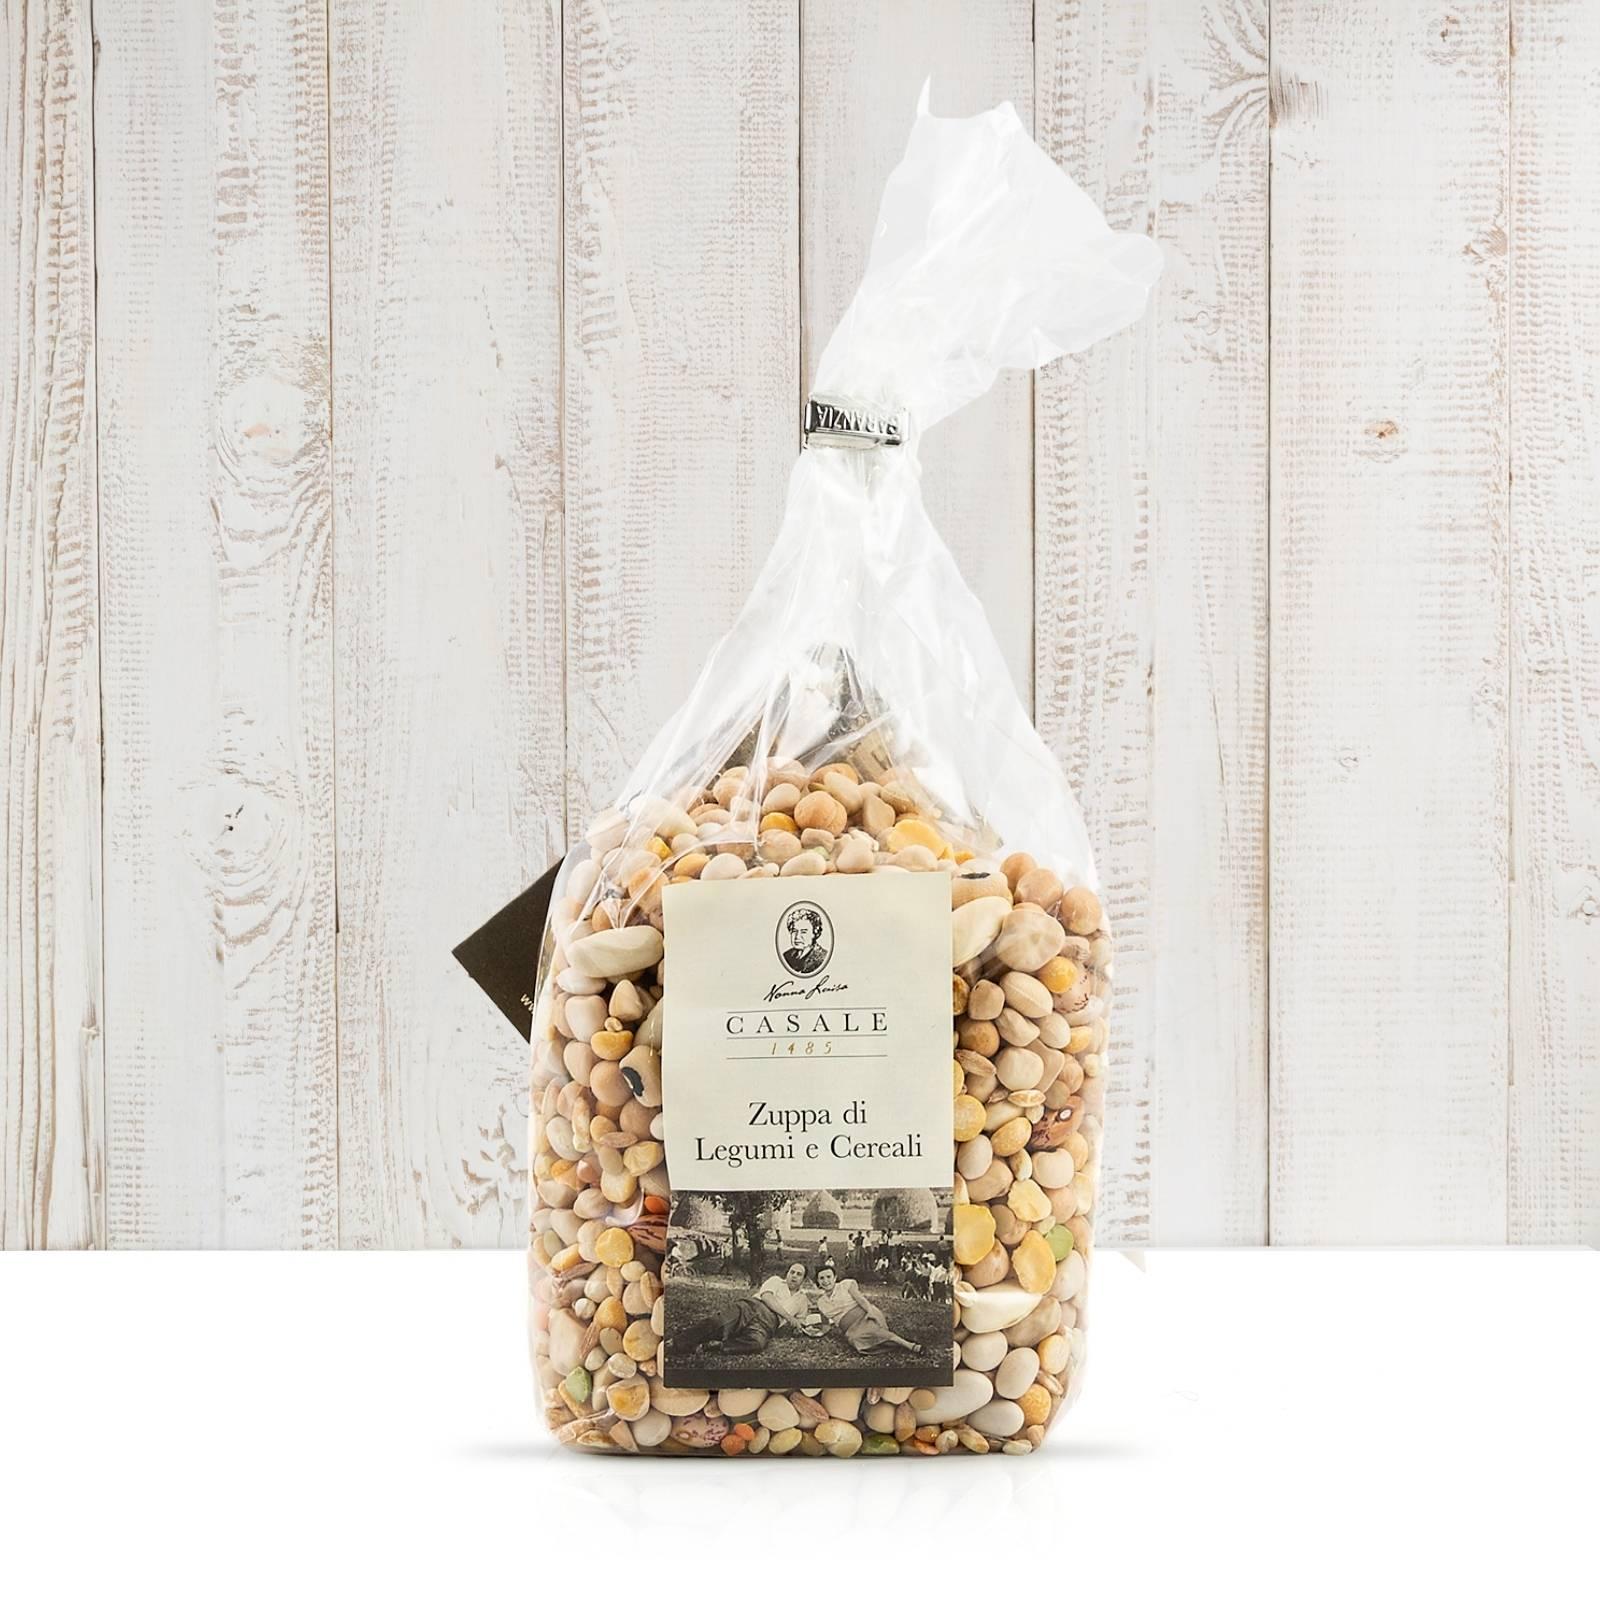 Casale 1485 Zuppa di Legumi e Cereali